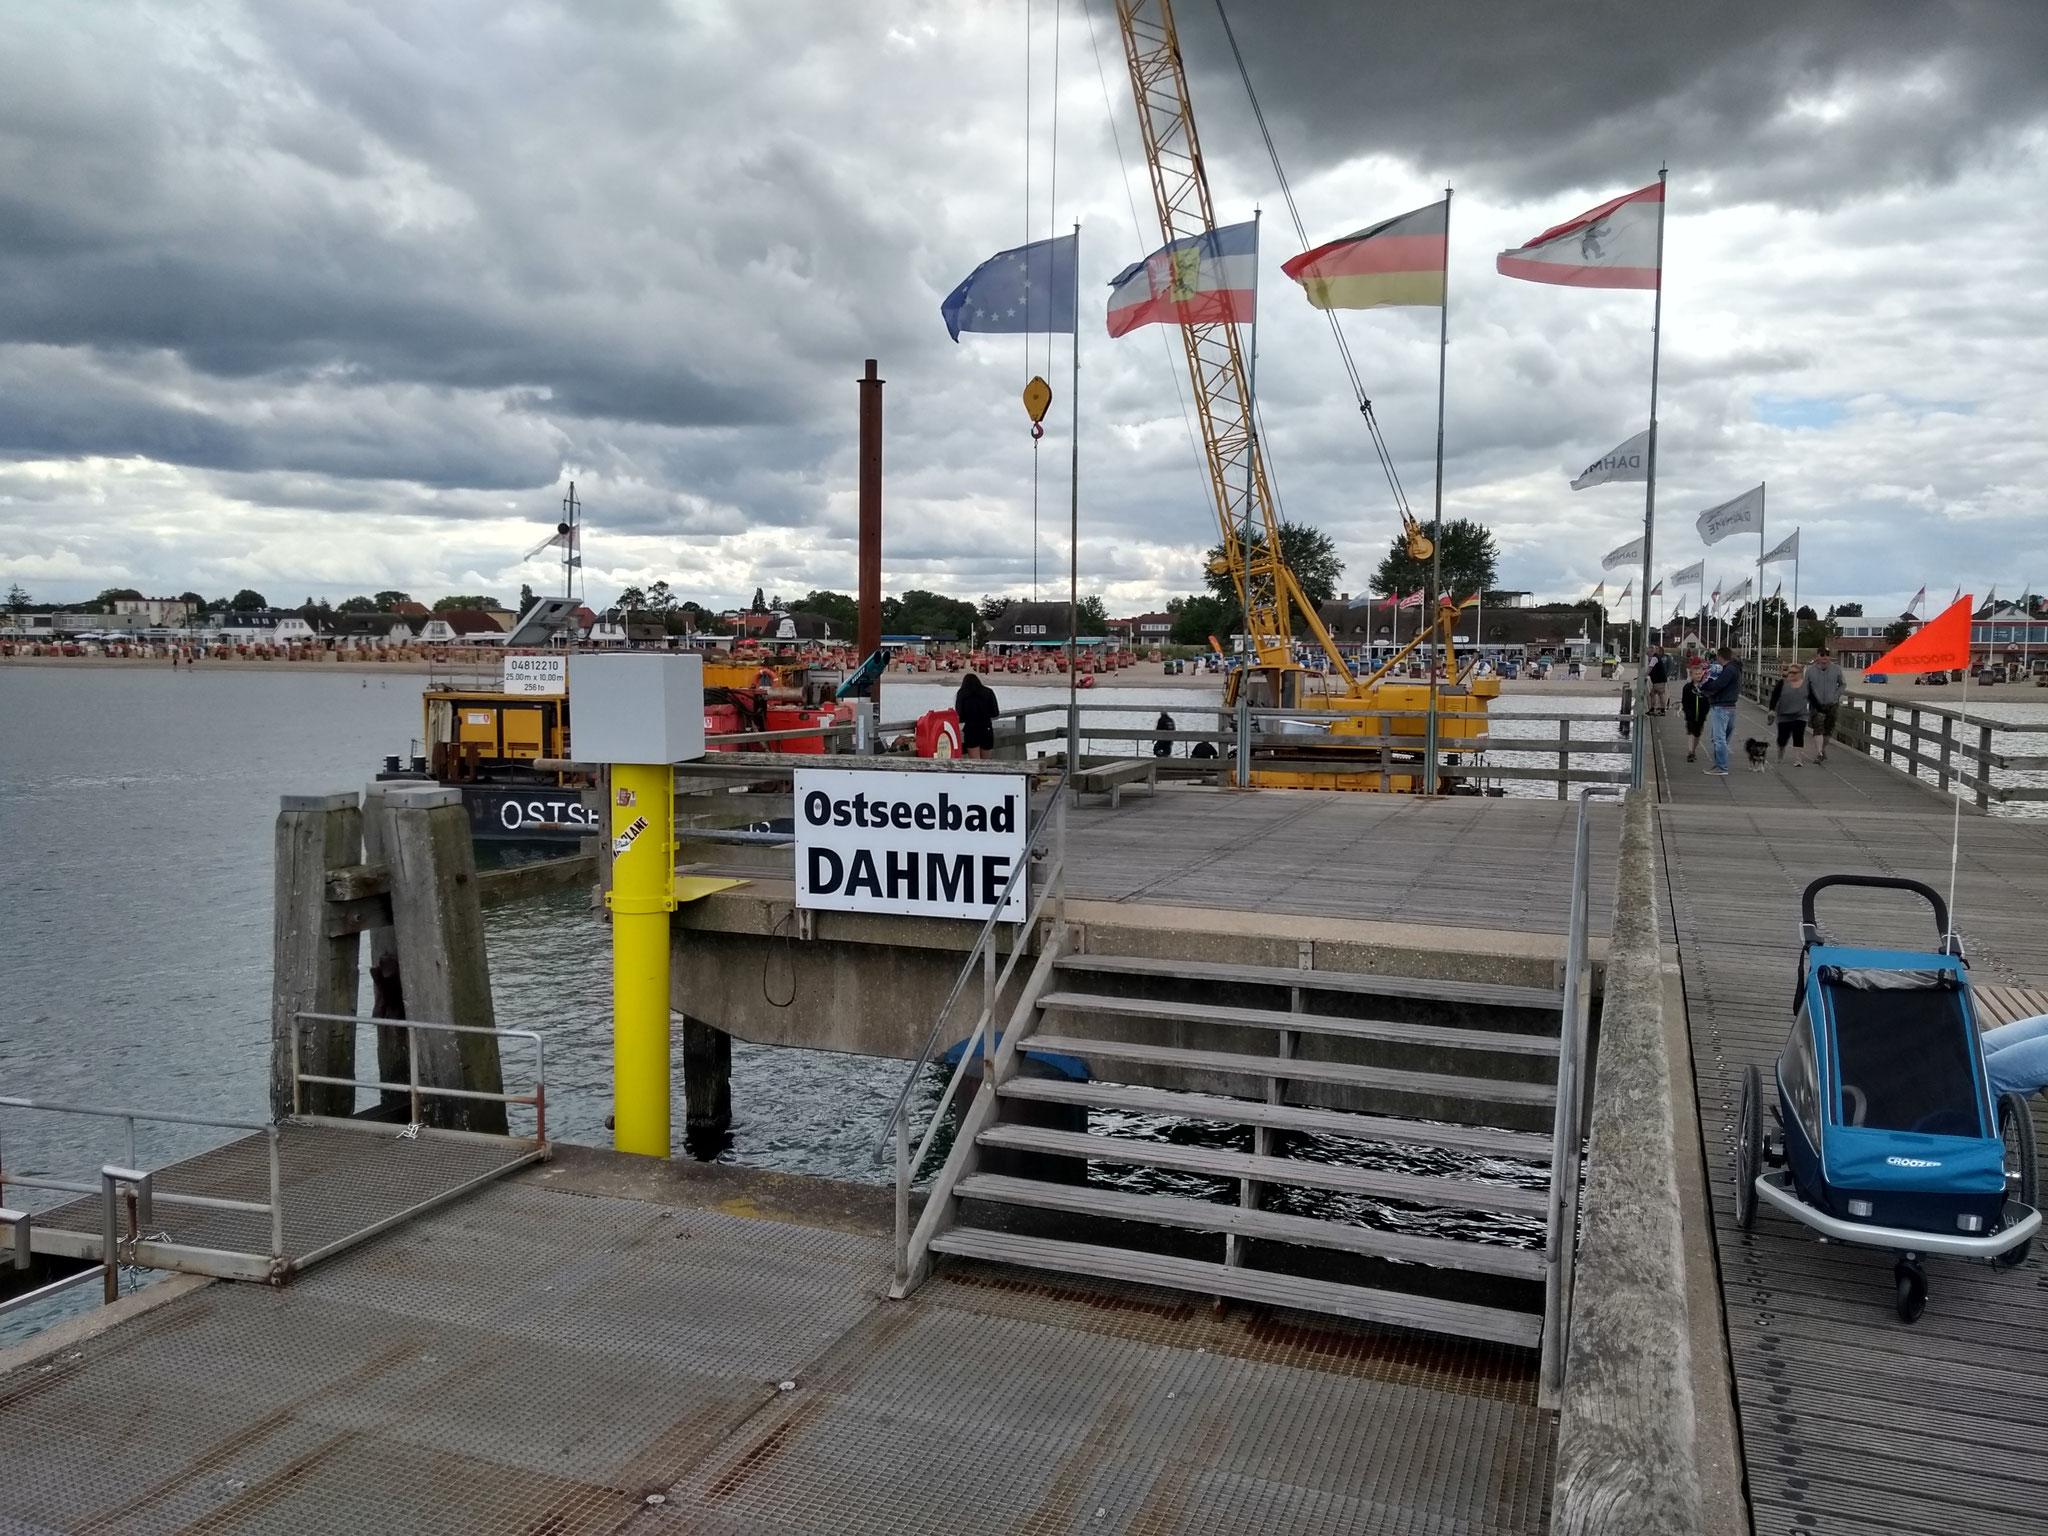 Die 1979 eingeweihte Seebrücke muss laufend unterhalten werden.